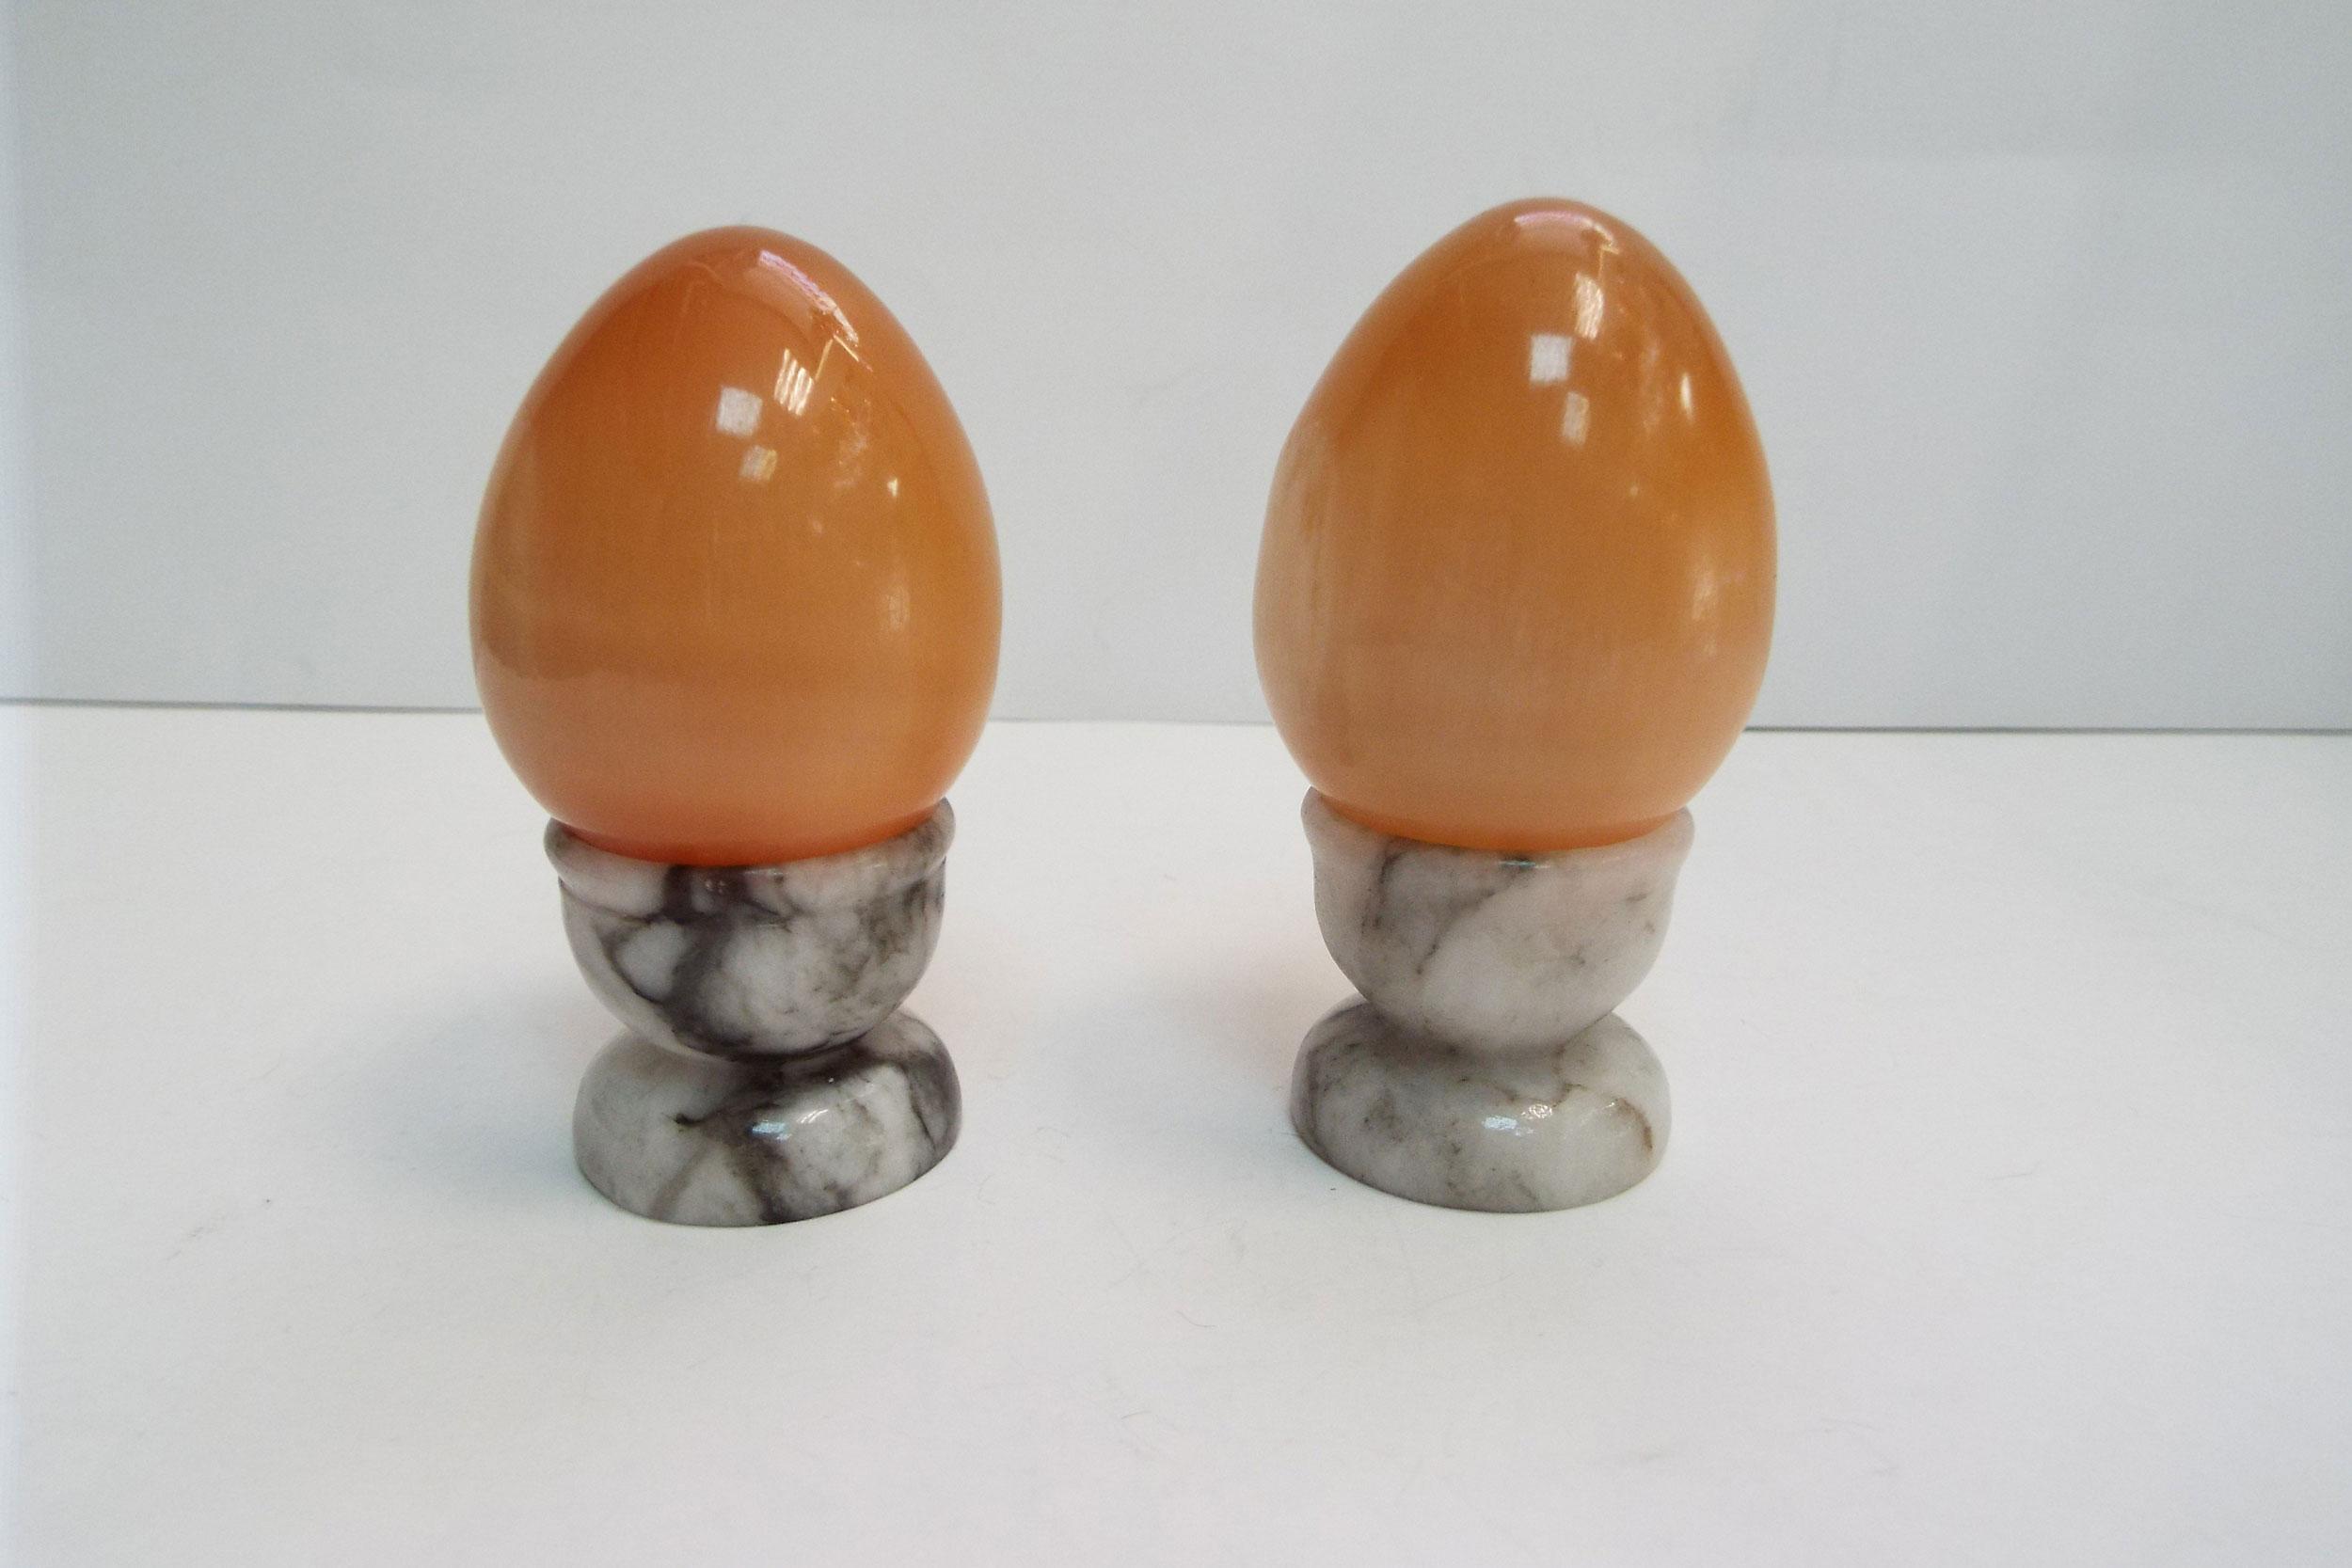 Яйца на подставке из селенита